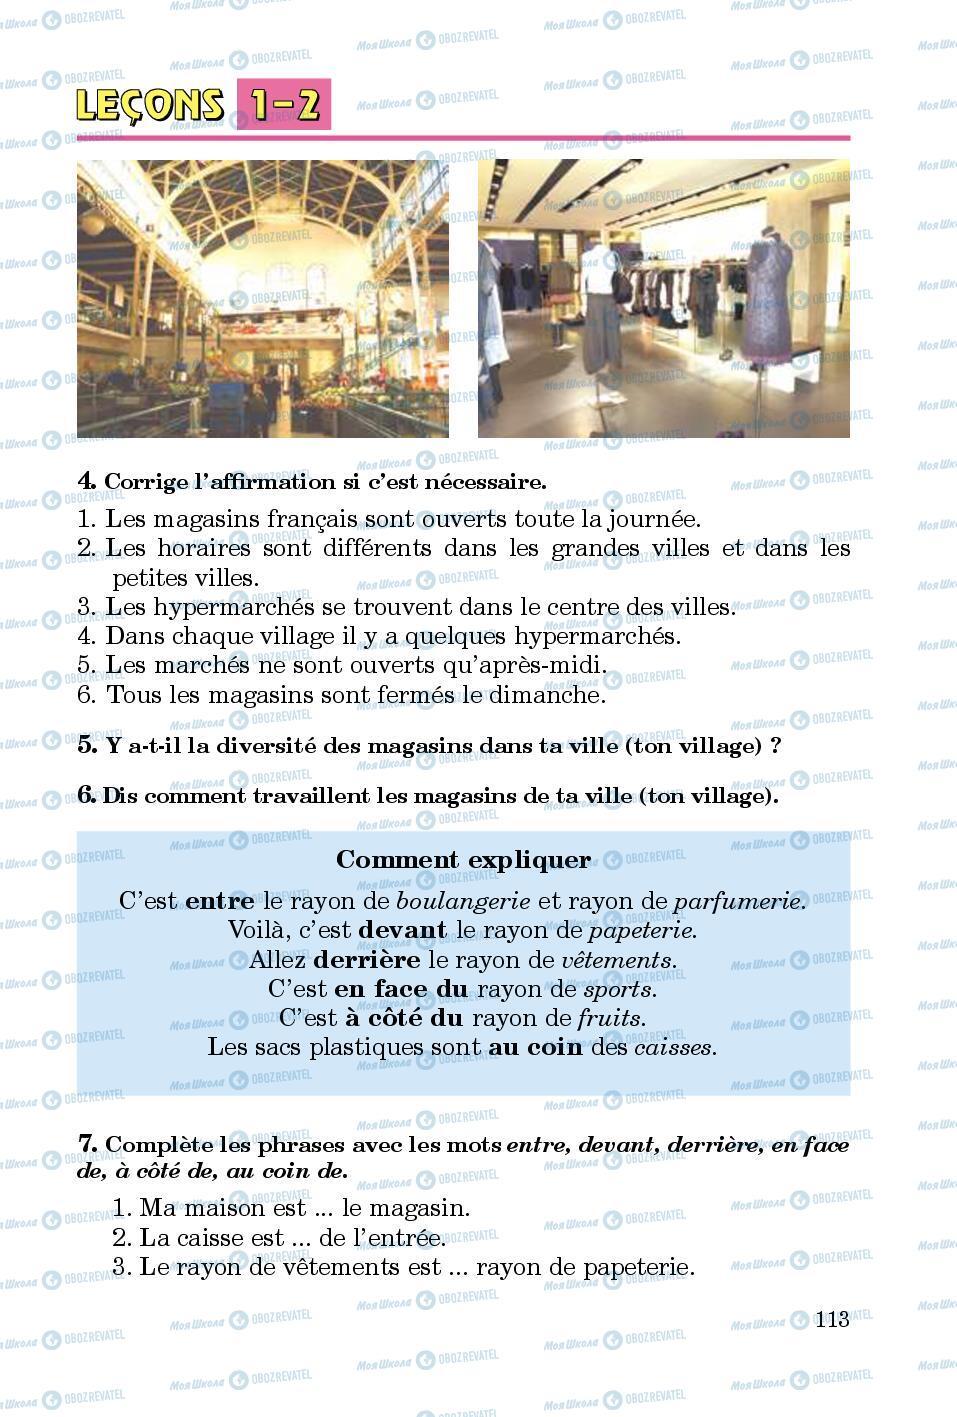 Підручники Французька мова 5 клас сторінка 113